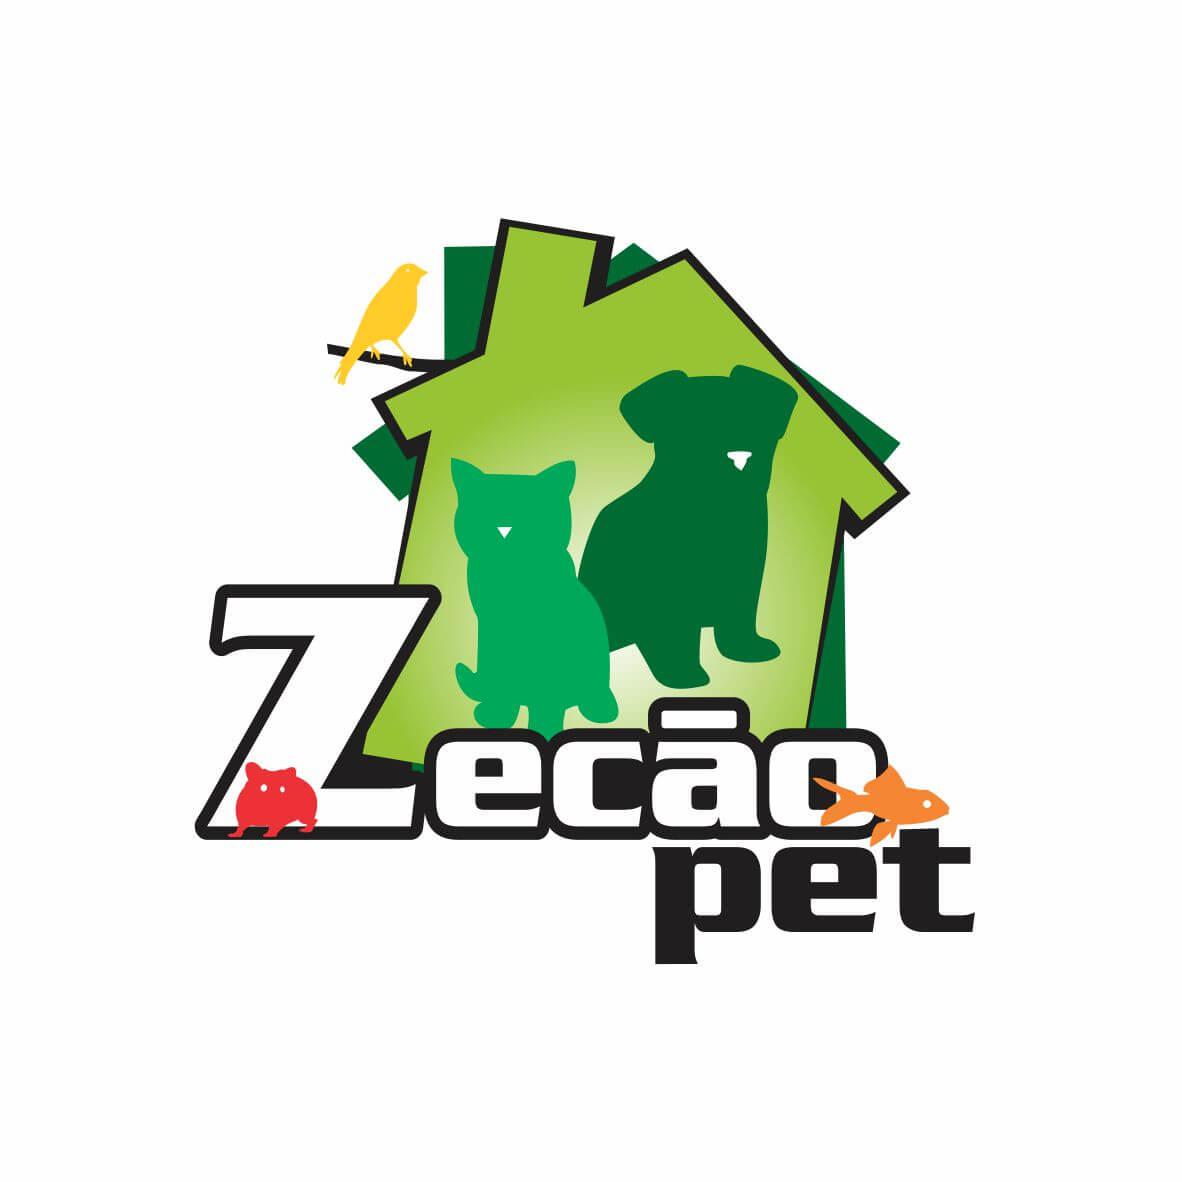 logomarca_zecao_pet